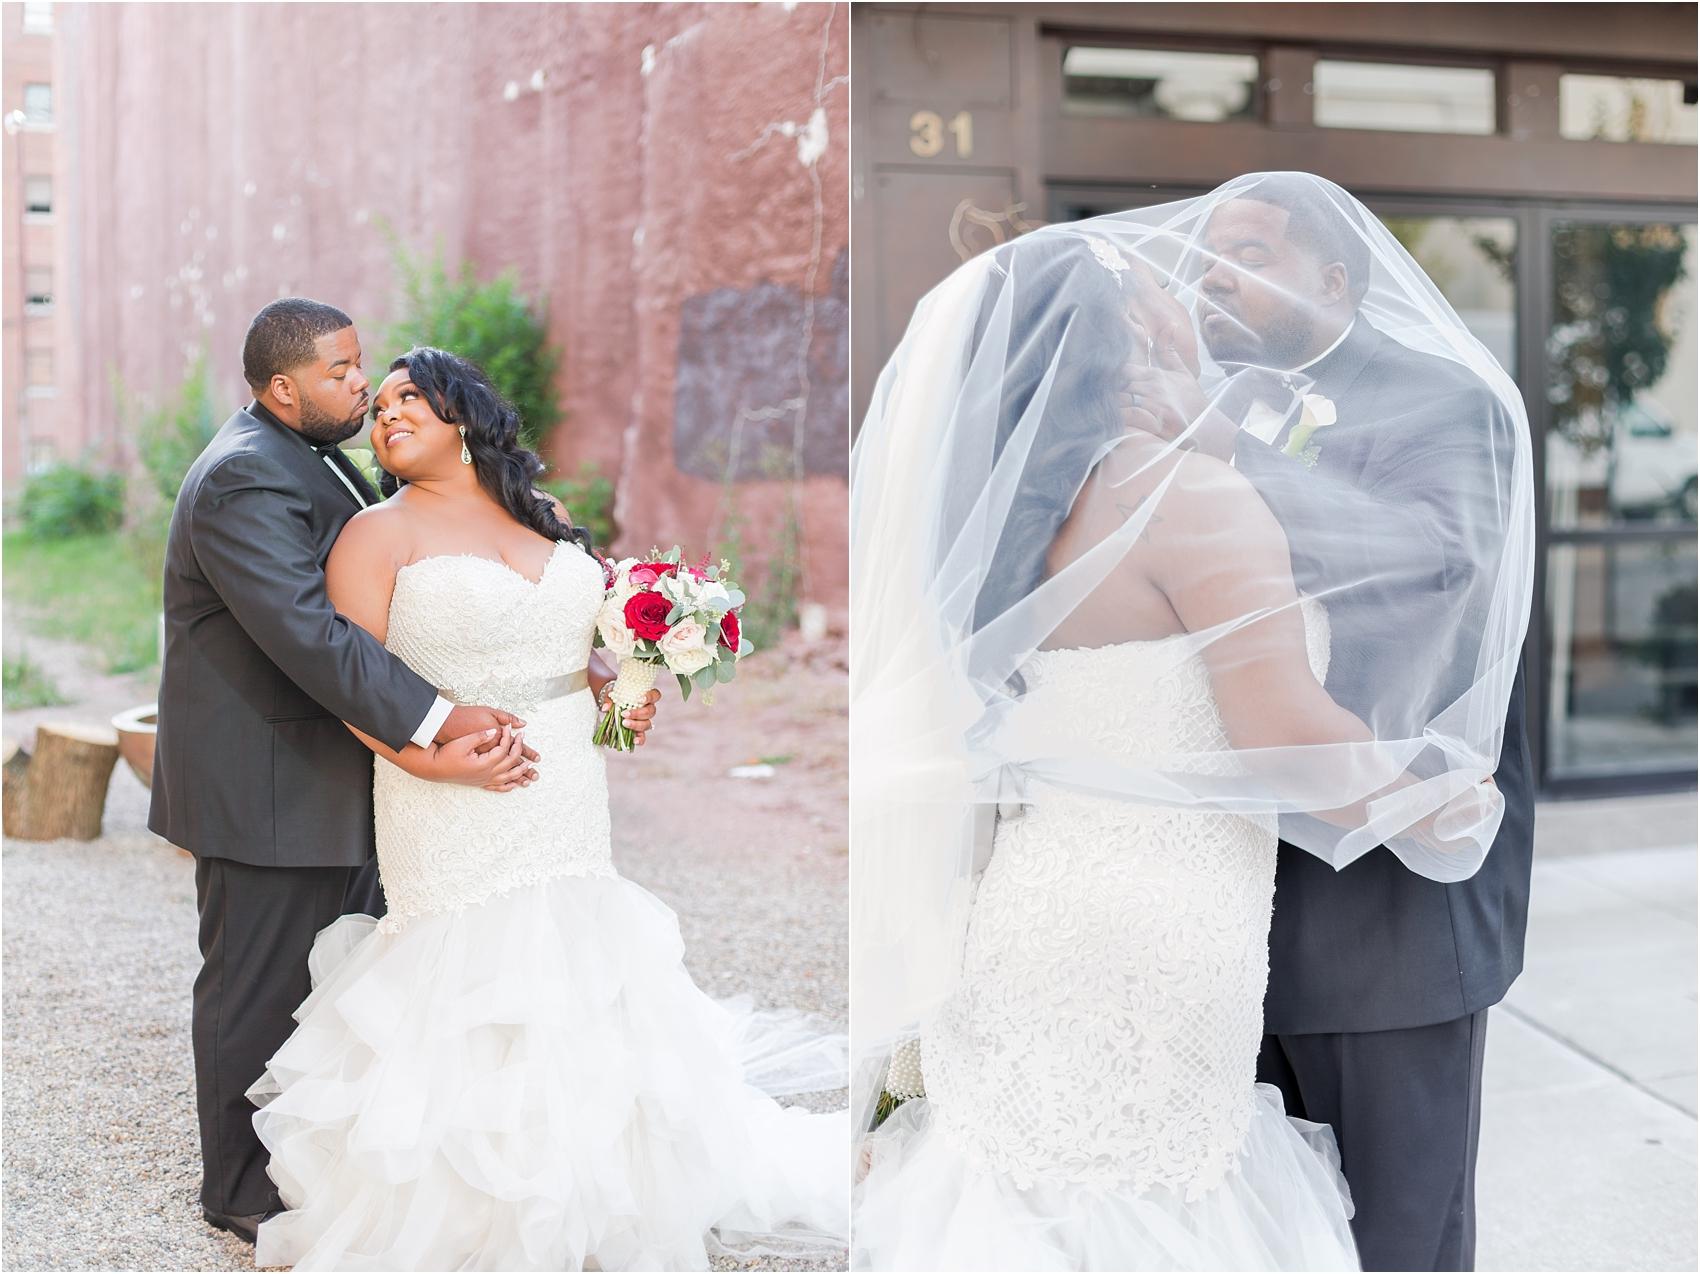 minimalist-and-modern-wedding-photos-at-30-north-saginaw-in-pontiac-michigan-by-courtney-carolyn-photography_0068.jpg